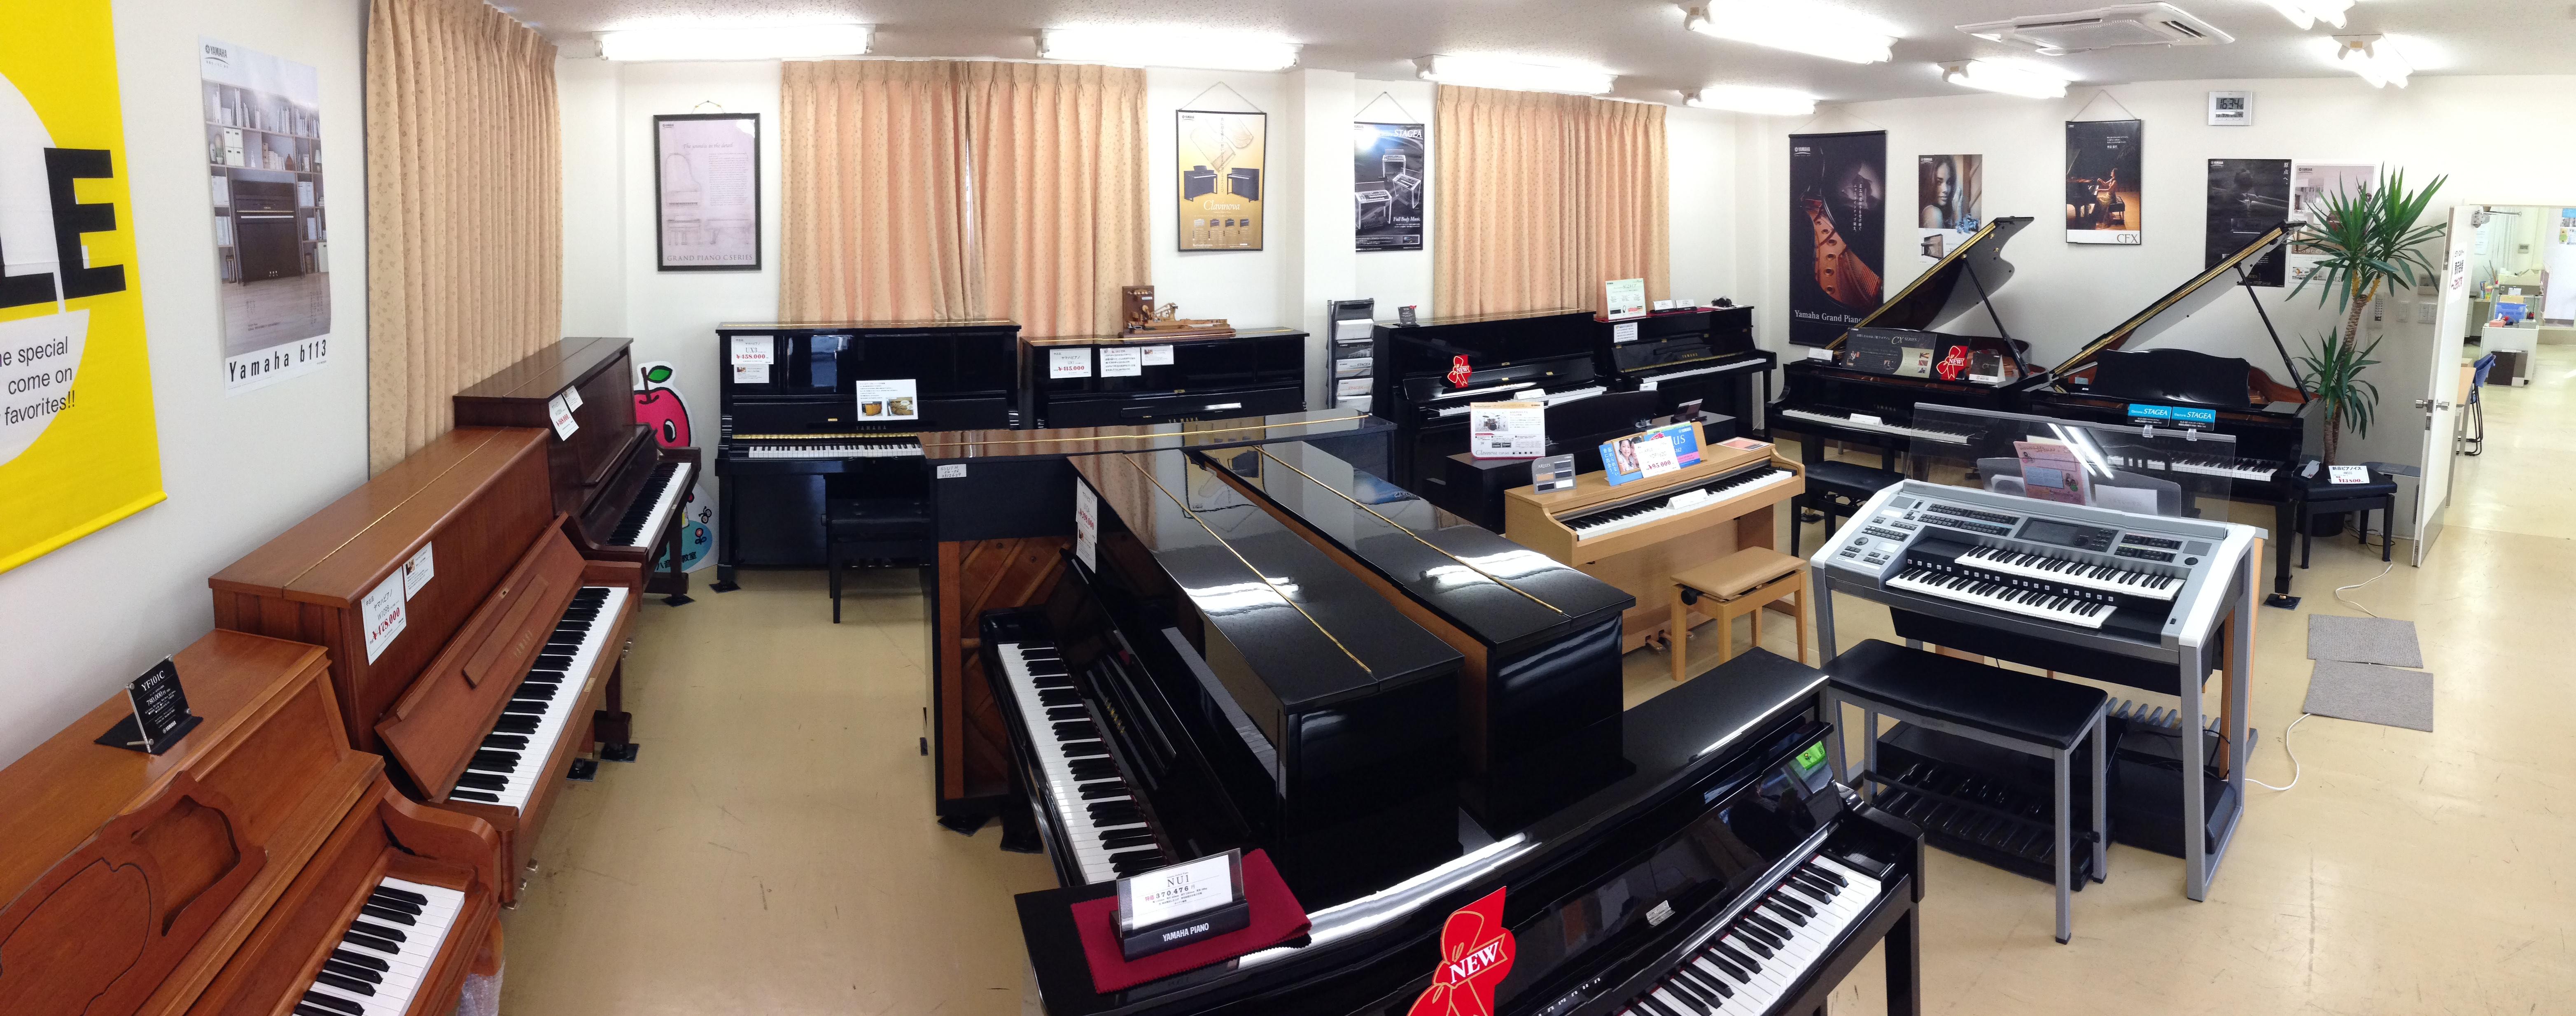 御弓店では、常に10台以上の鍵盤楽器を展示しております。